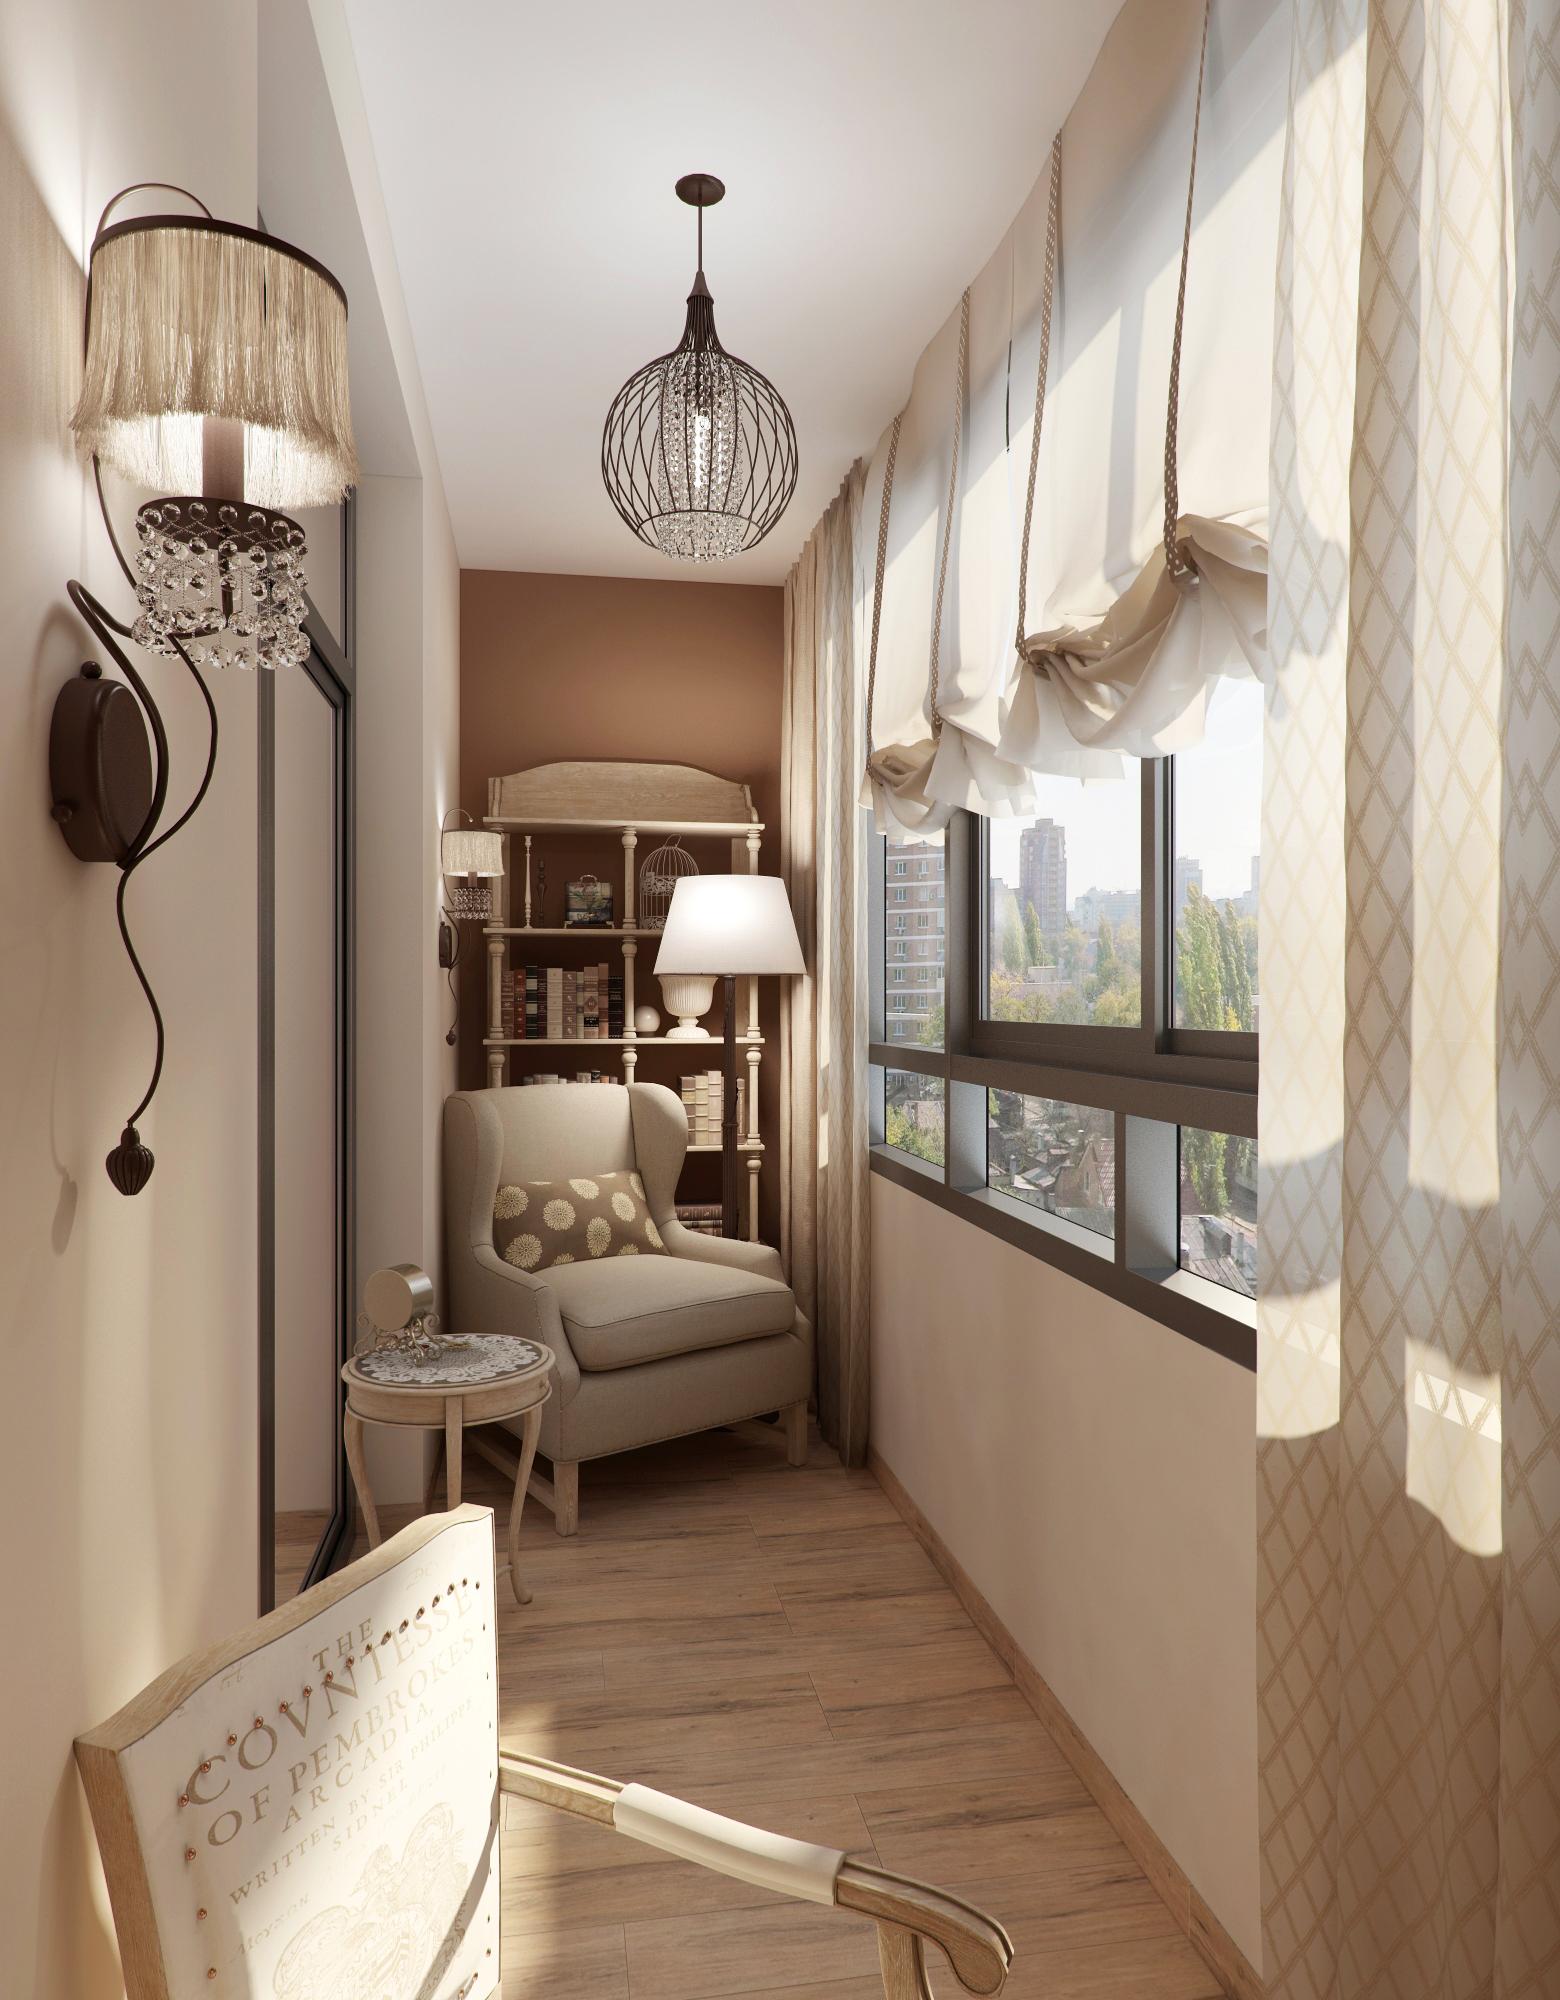 Мебель на балкон (75 фото): диван и кровать для лоджии, мале.